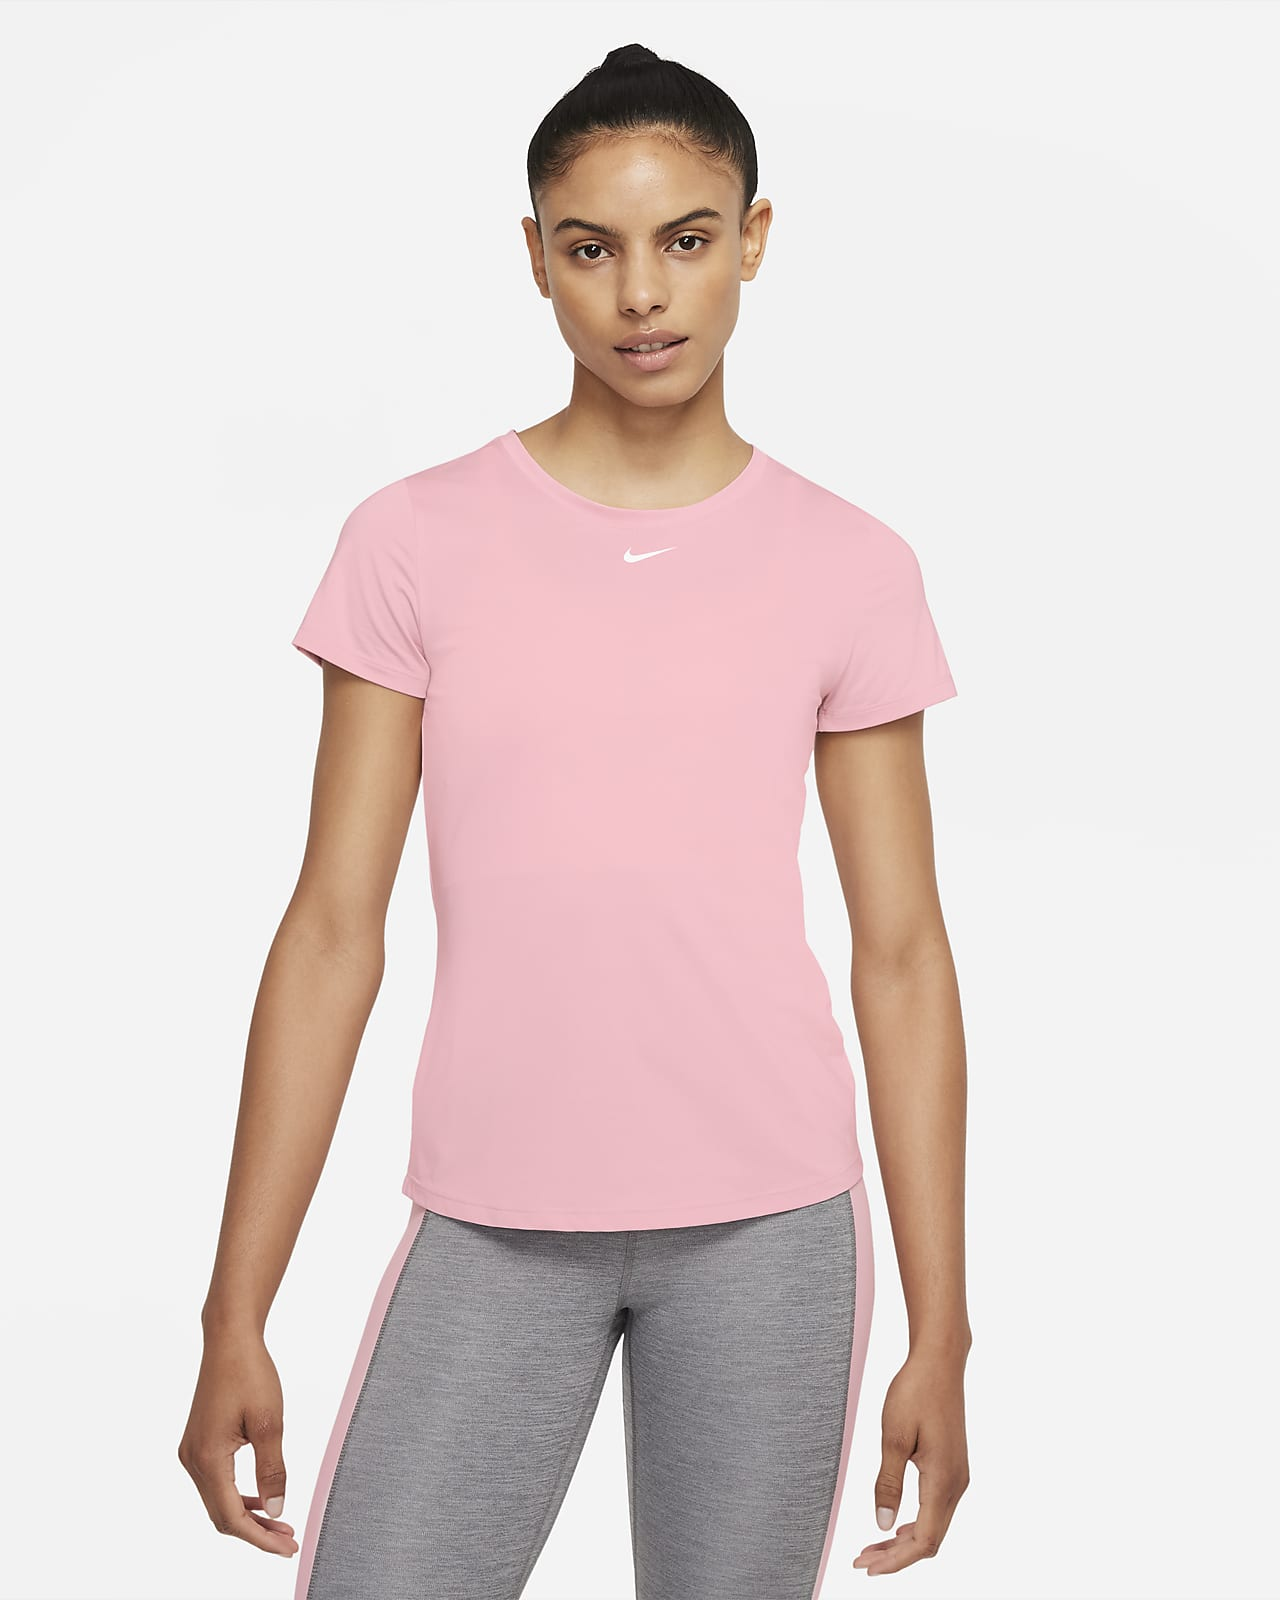 Haut à manches courtes et coupe slim Nike Dri-FIT One pour Femme